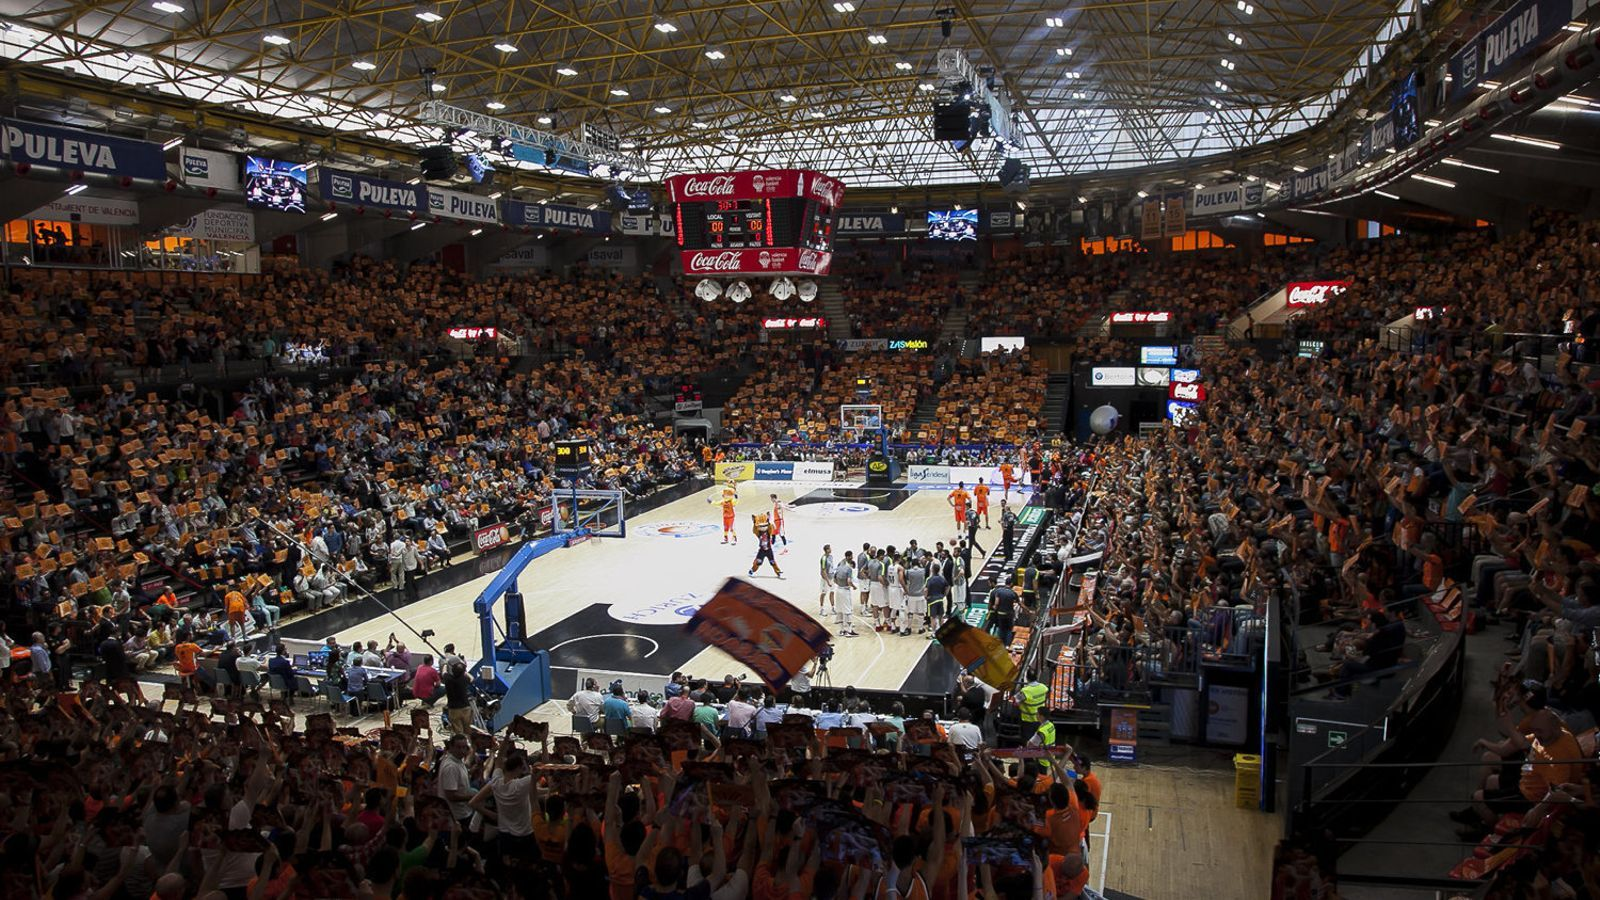 El pavelló en què sol jugar  el València Basket serà l'escenari de  la final de la Lliga Endesa,  però sense espectadors.